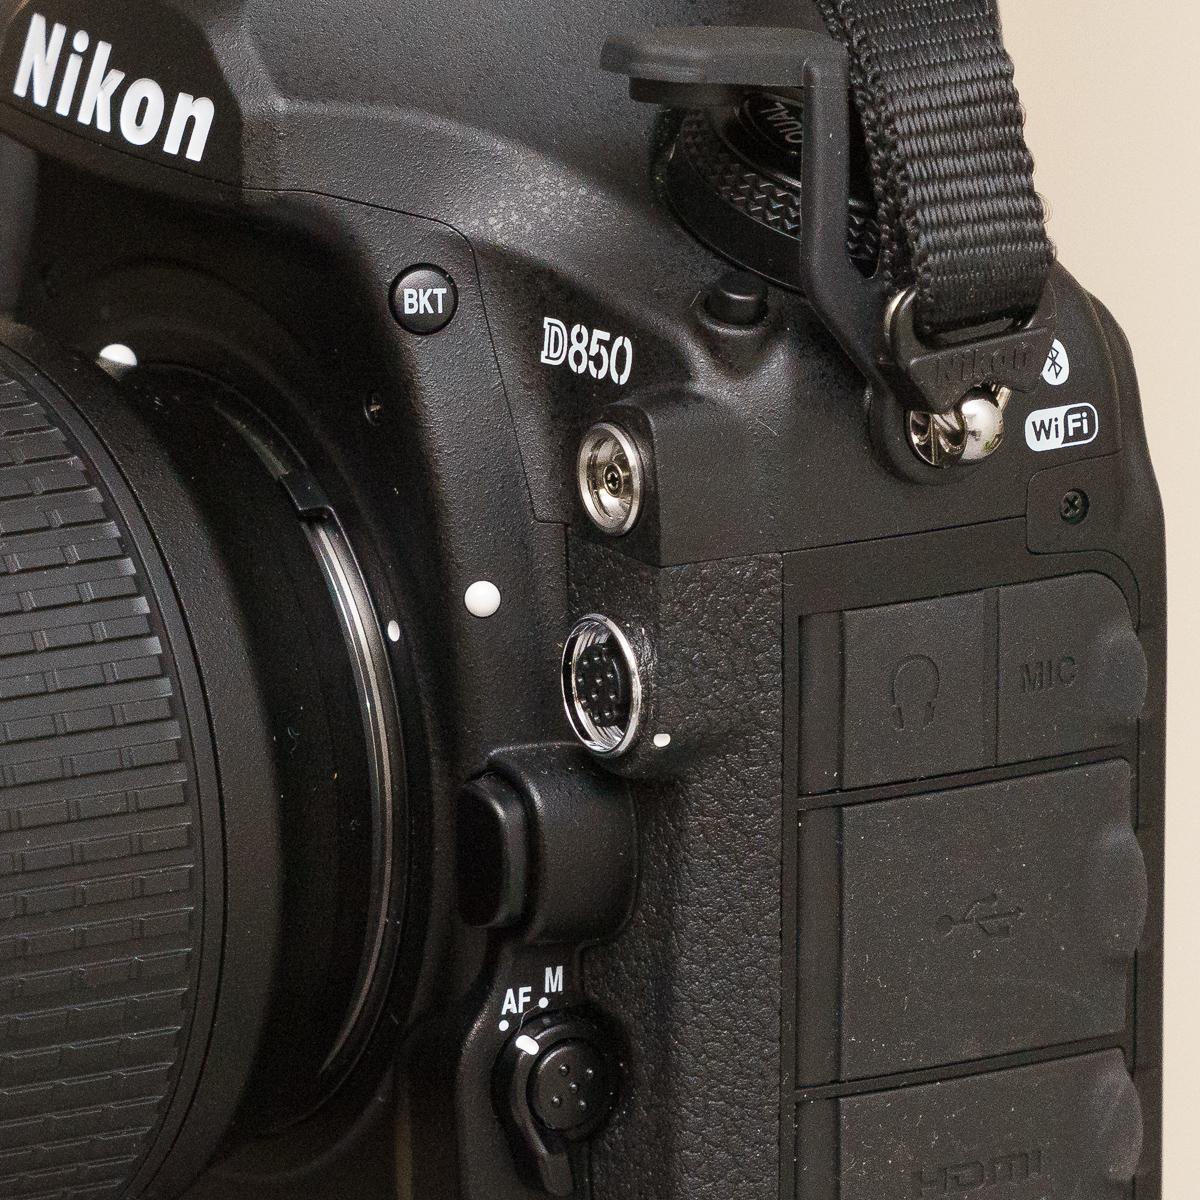 Nikon D850 Schnittstellen vorne